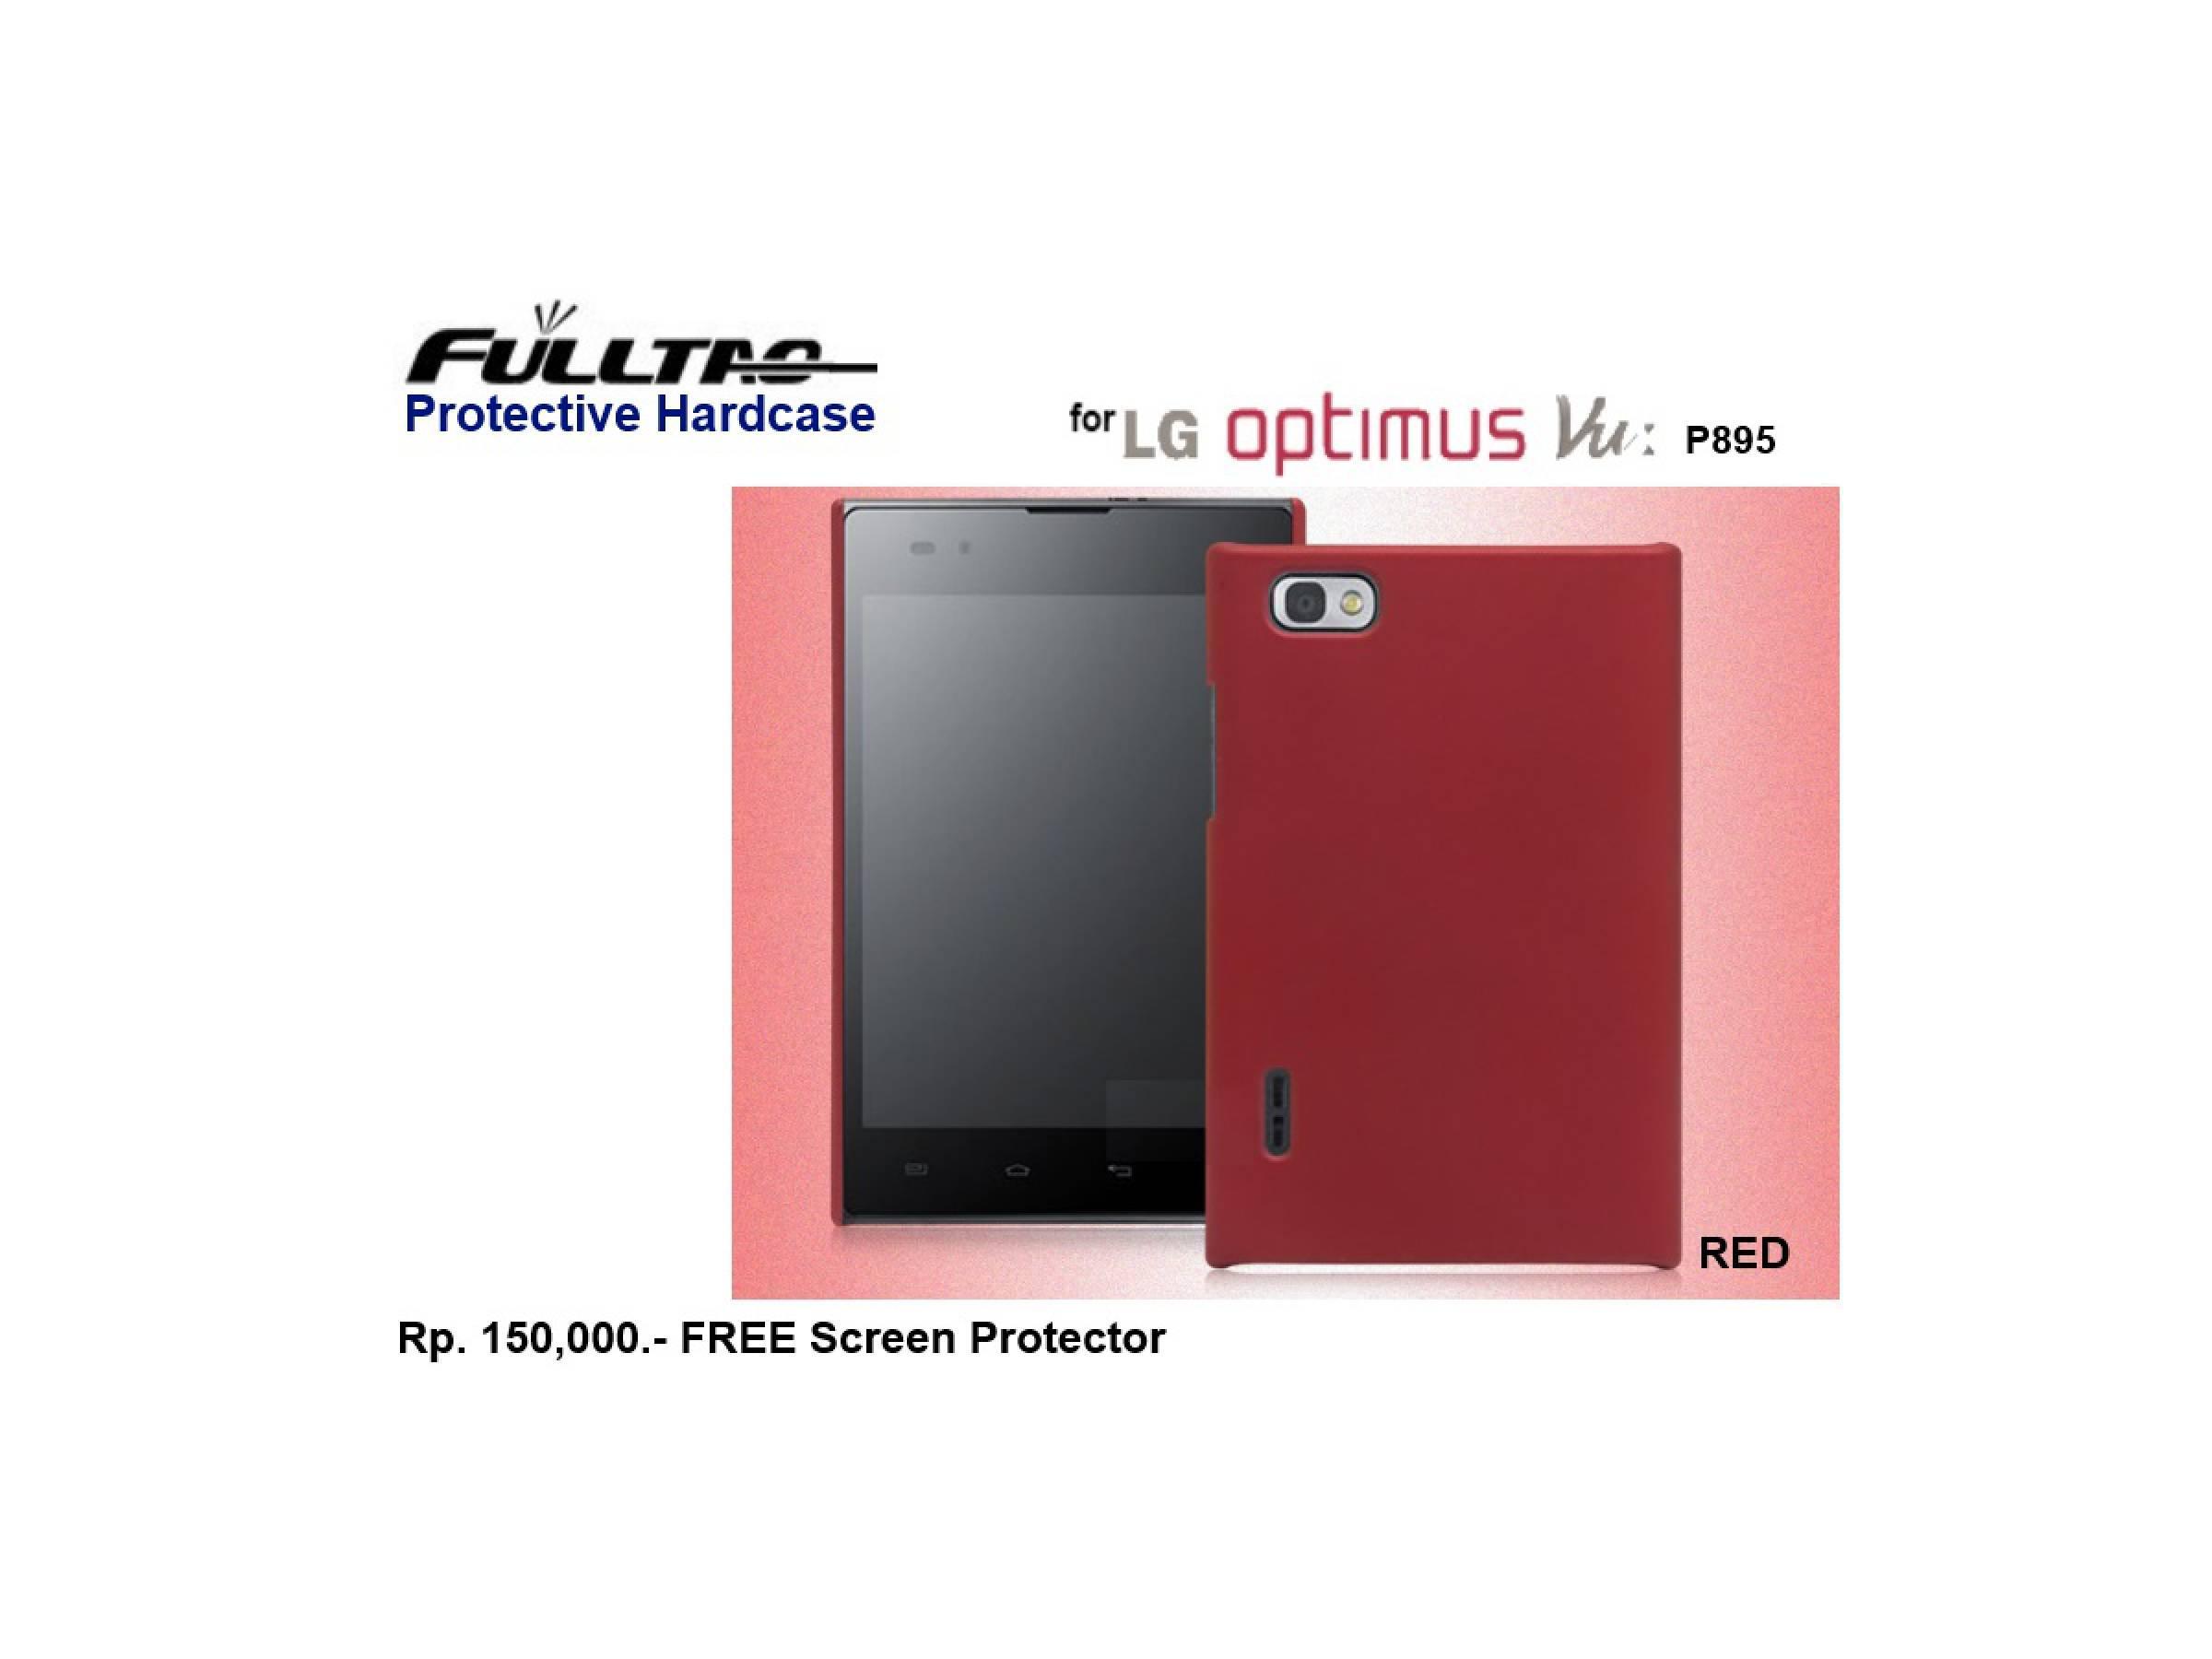 LG Optimus Vu P895 : FULLTAO Hardcase FREE SP (RED)